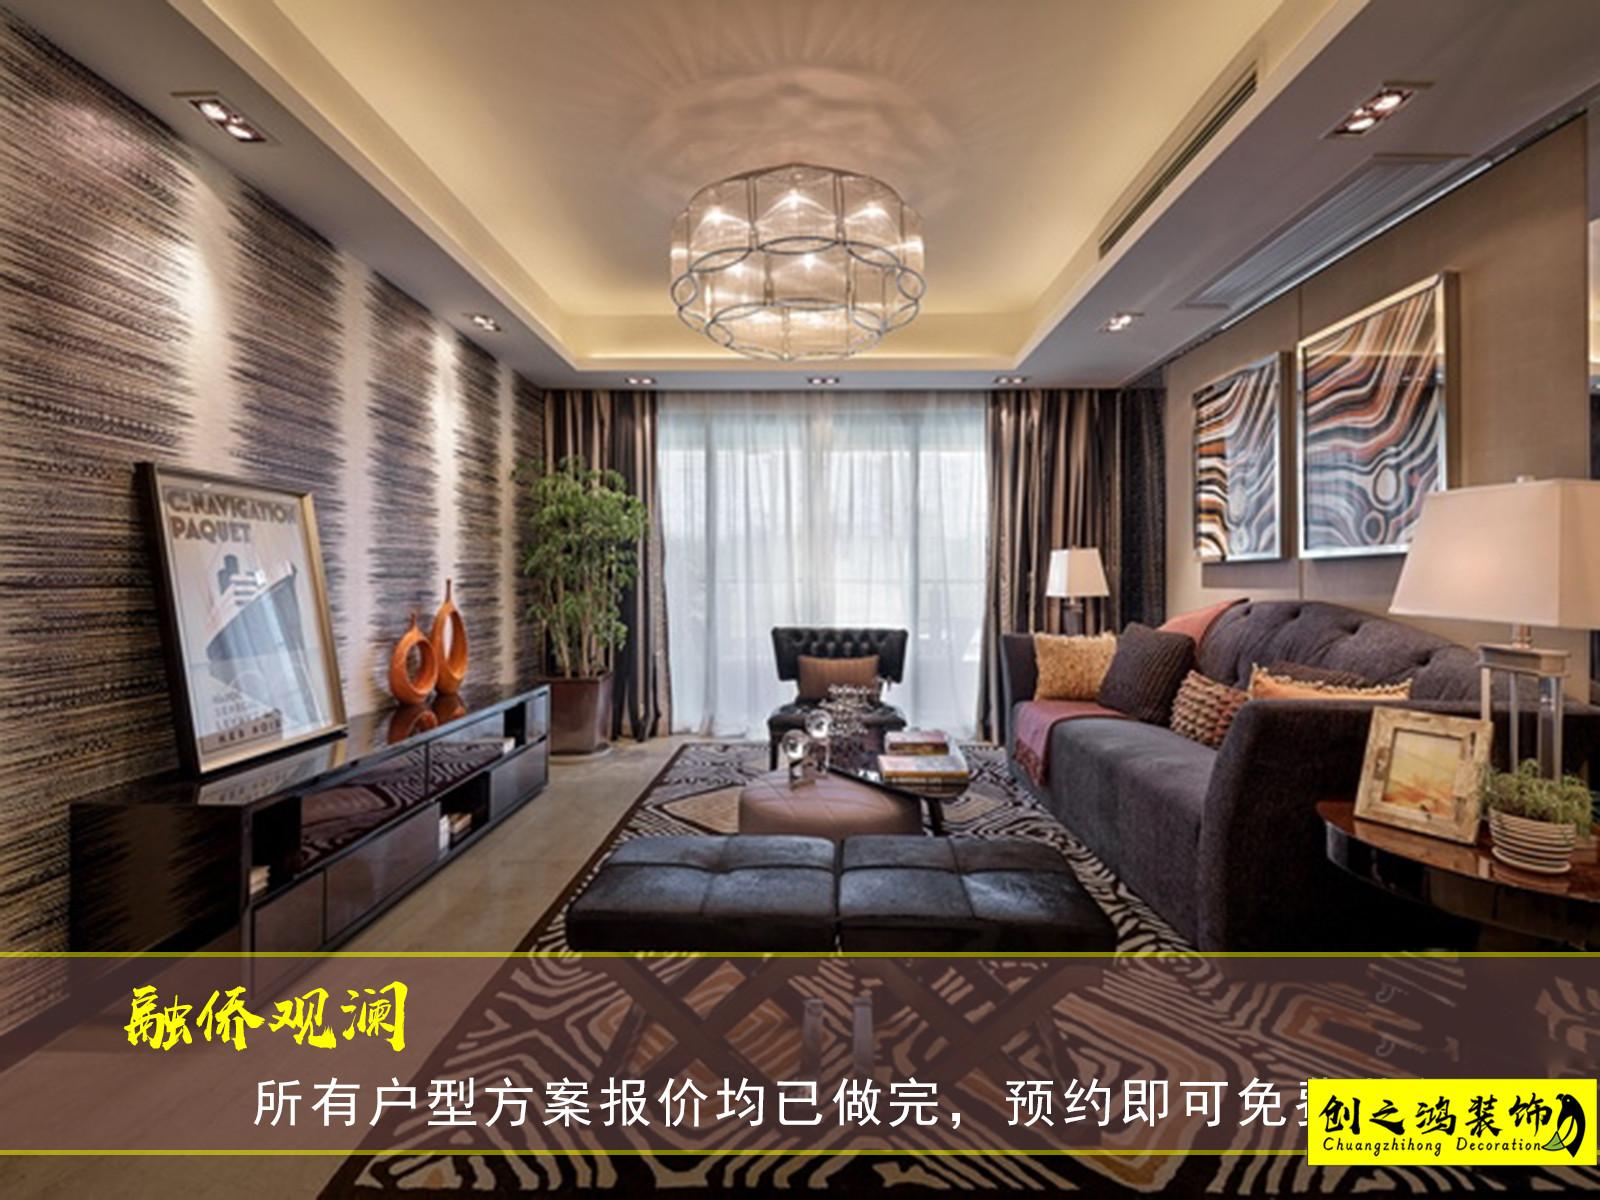 130㎡融侨观澜三室两厅现代简约风格装修效果图